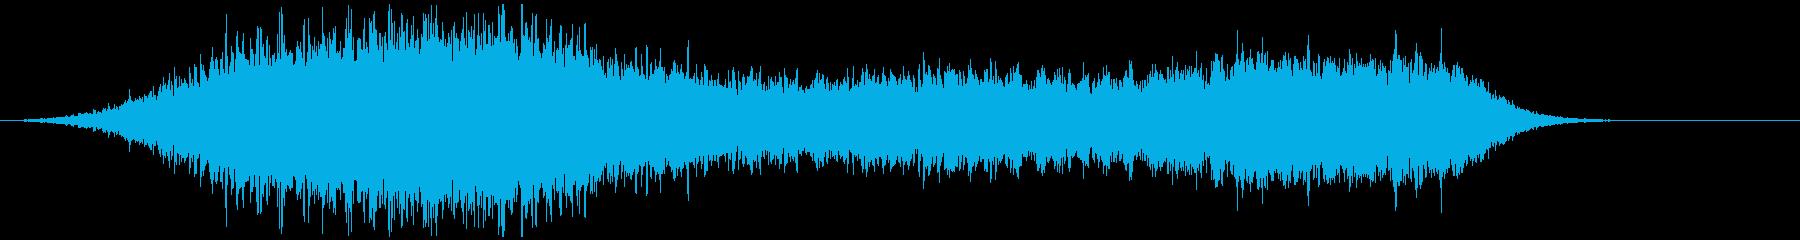 レトロホラー系の雰囲気SFXの再生済みの波形